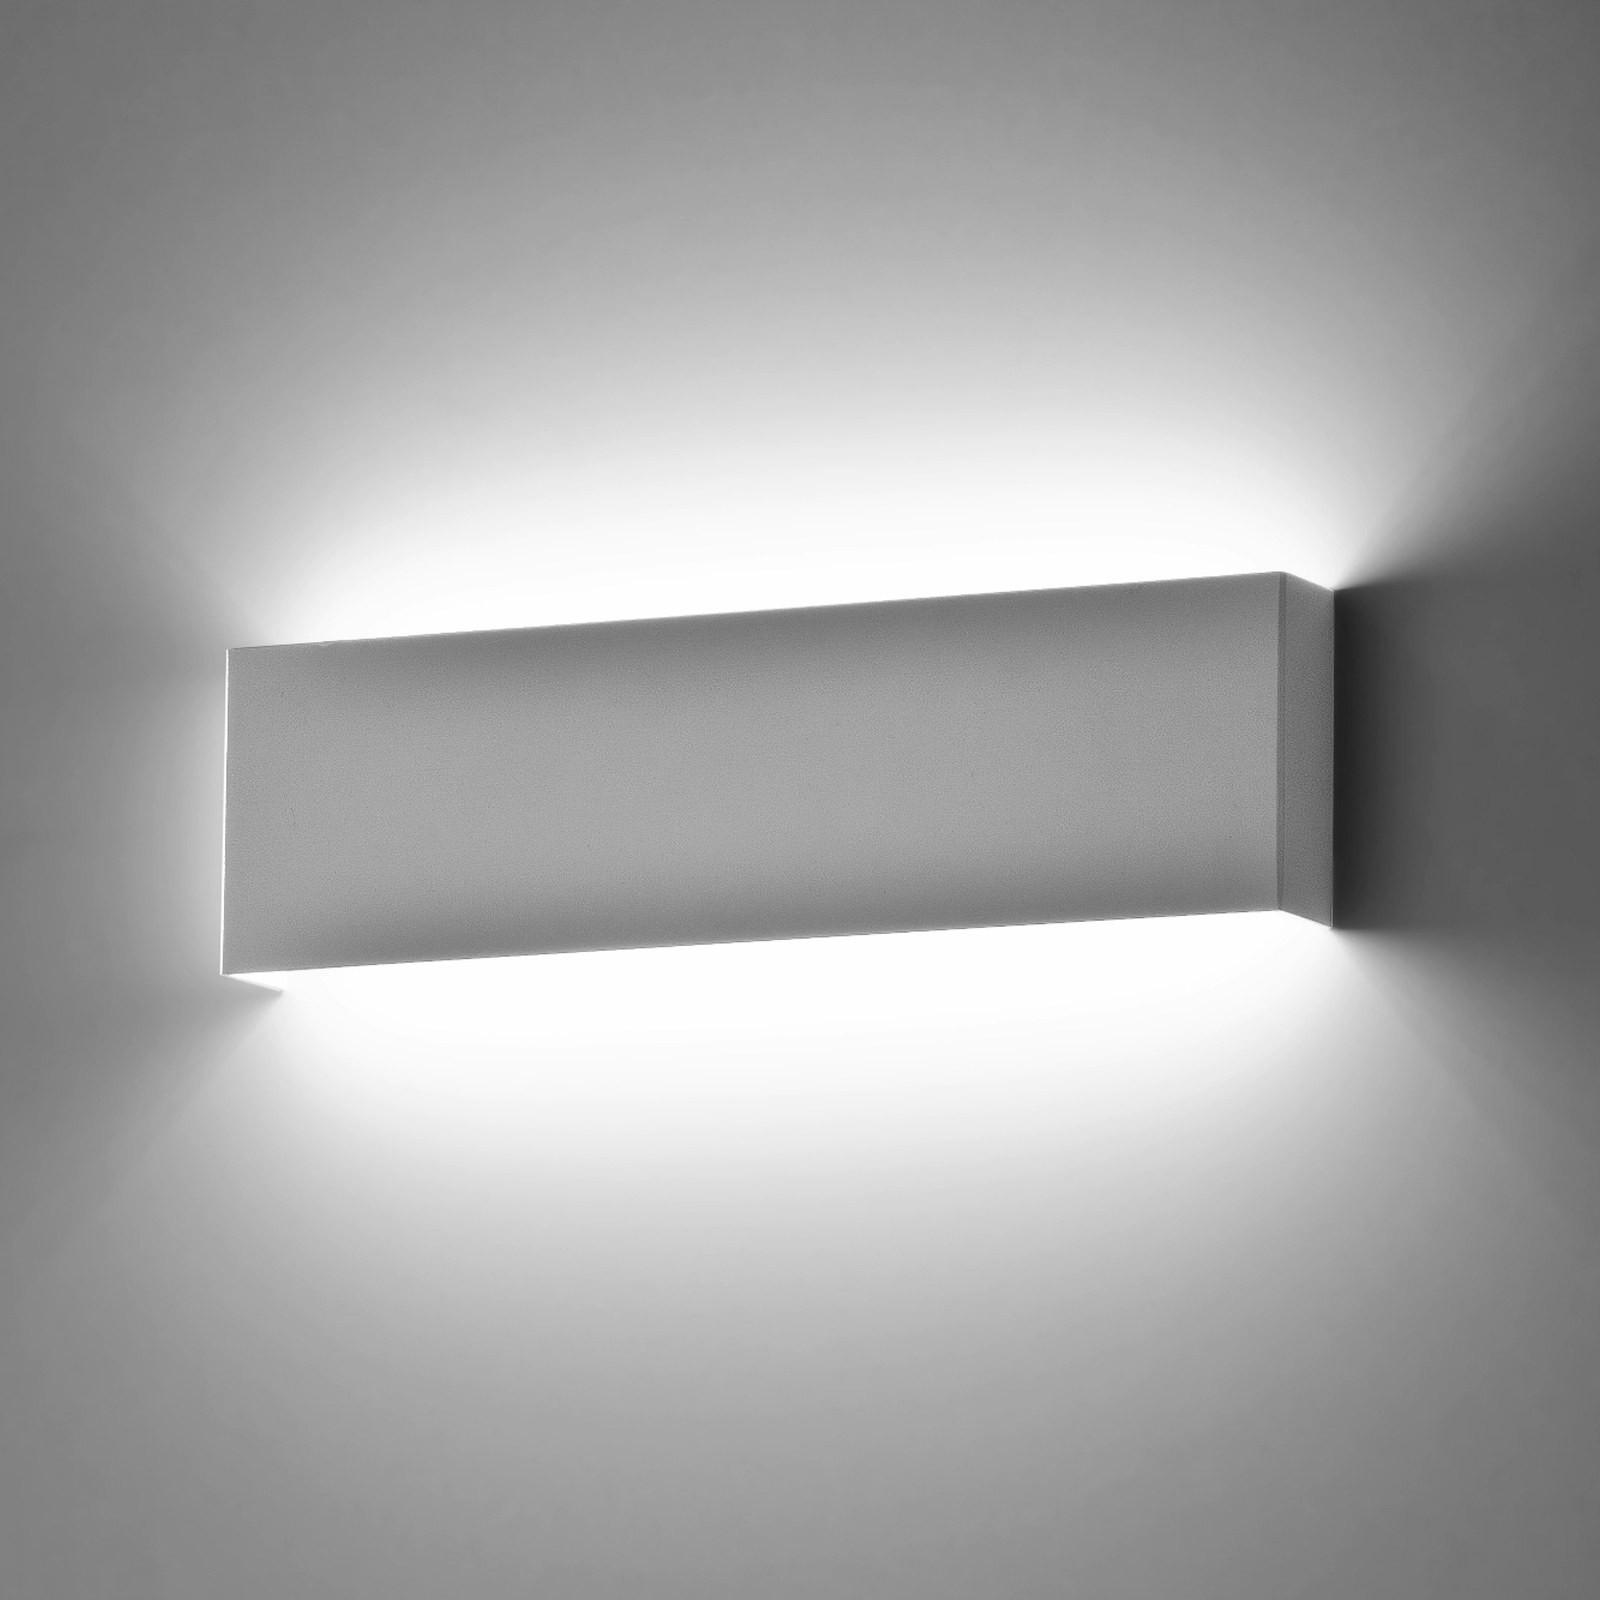 Applique lampada da parete a led moderno luce calda bianco - Plafoniere da esterno moderne ...